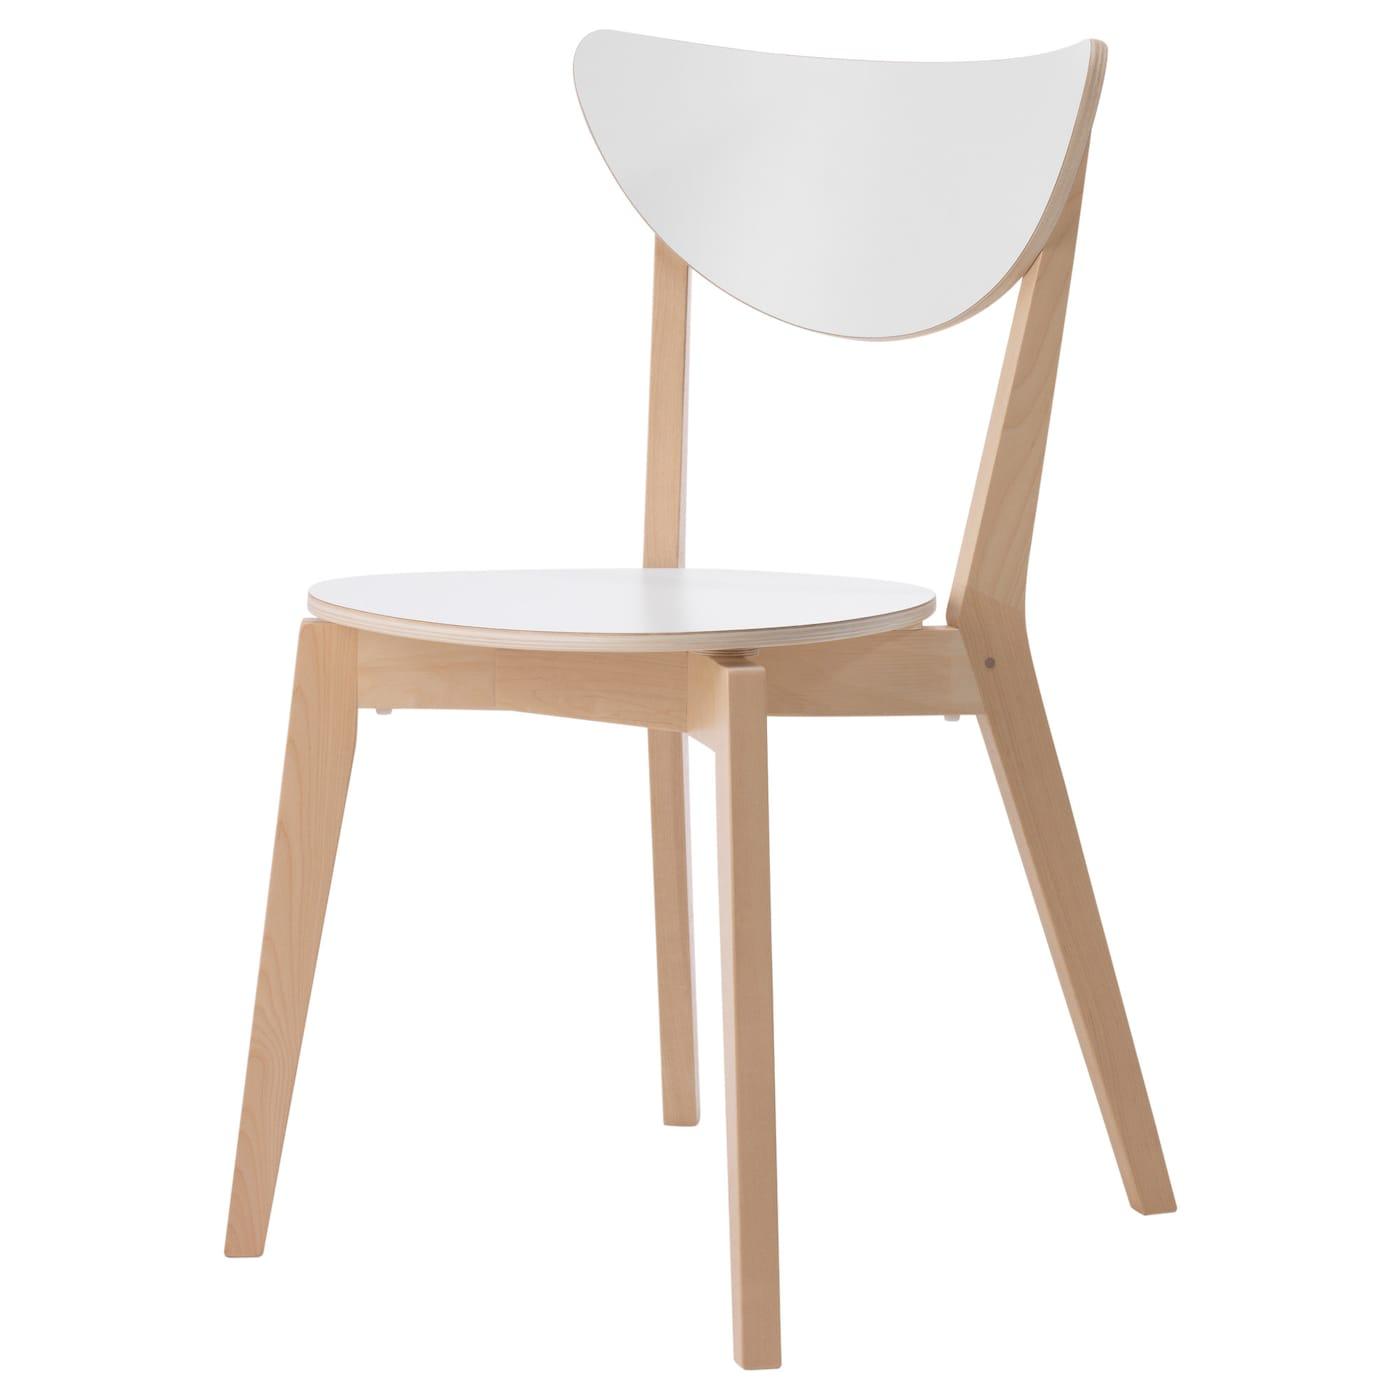 NORDMYRA Silla Blanco/abedul - IKEA